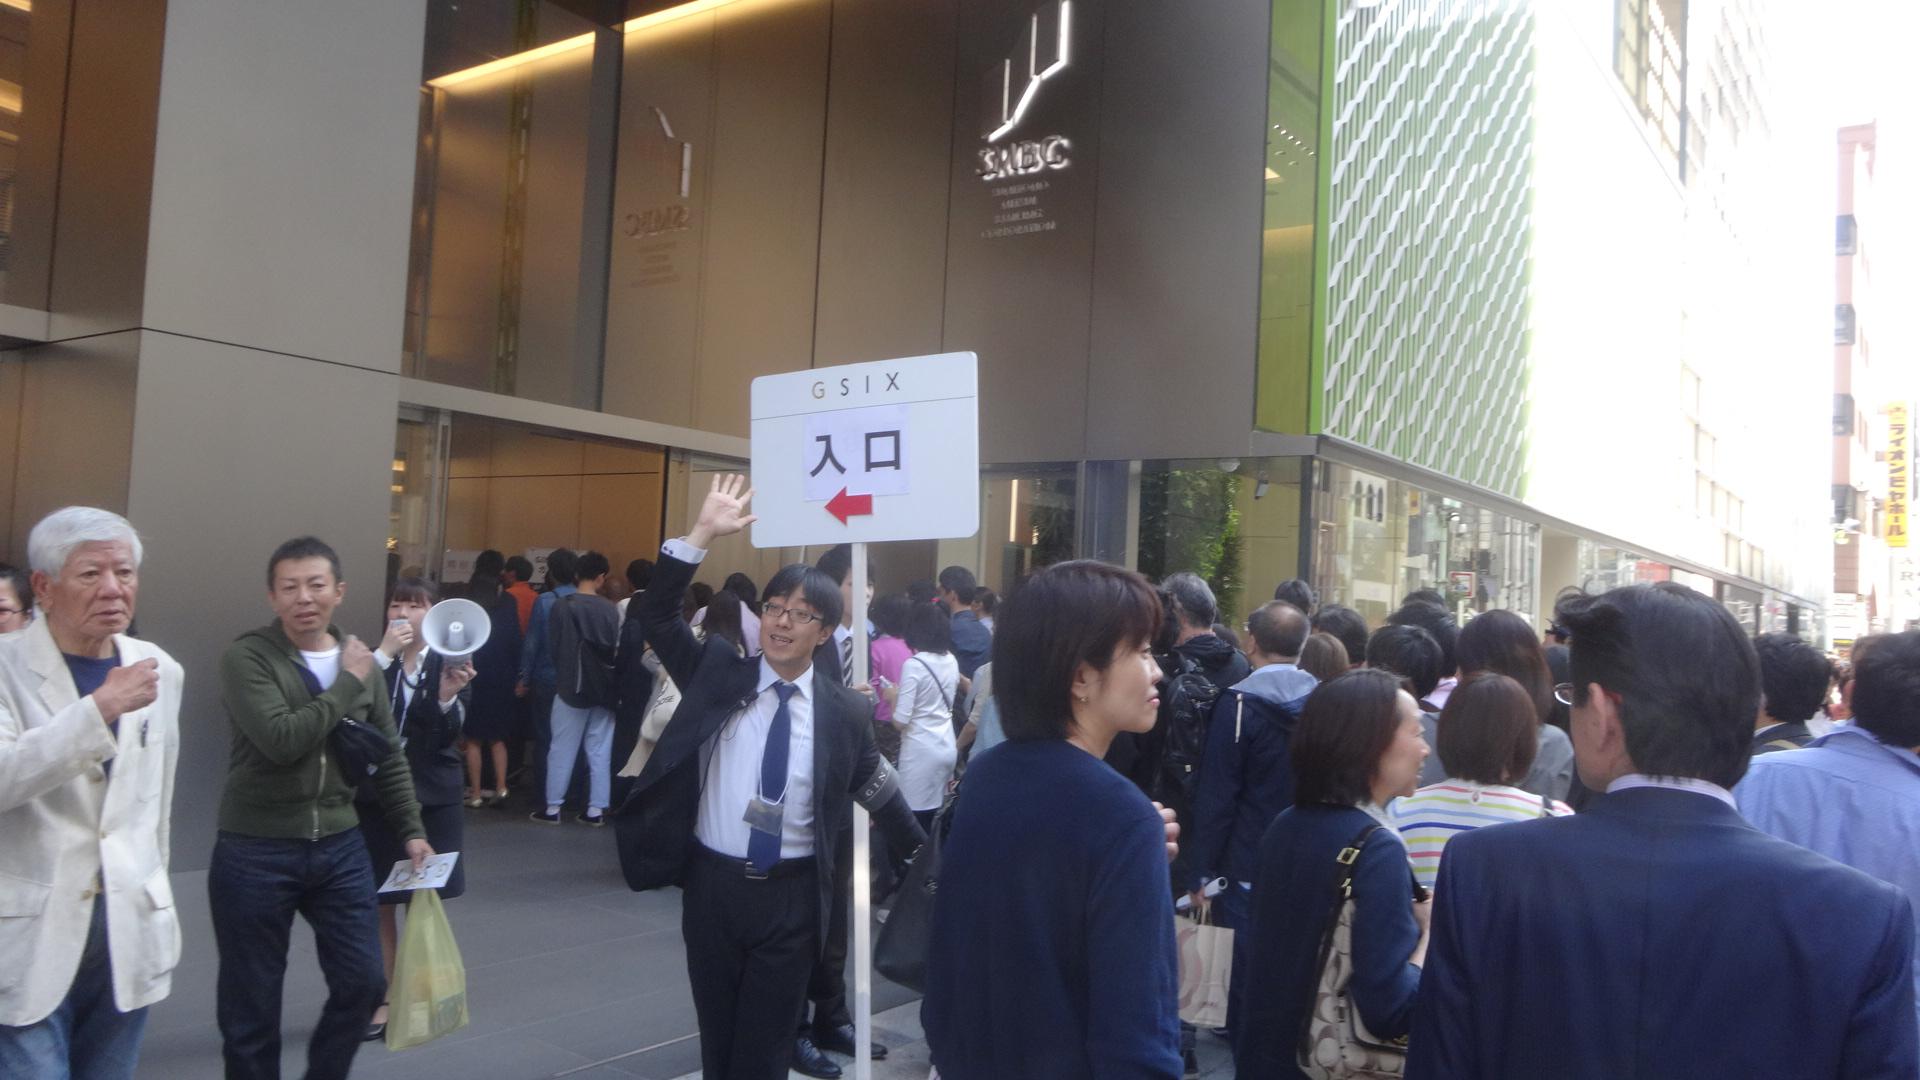 入口の入場規制